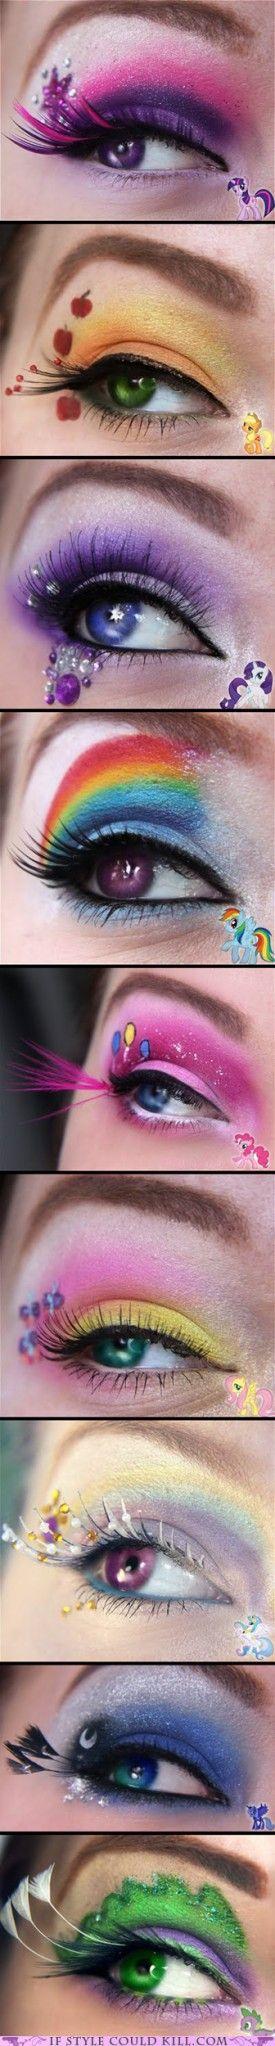 My Little Pony eye makeup!: Pony Eye, Eye Makeup, Eyeshadow, My Little Pony, Mlp Eye, Eyemakeup, Face Painting